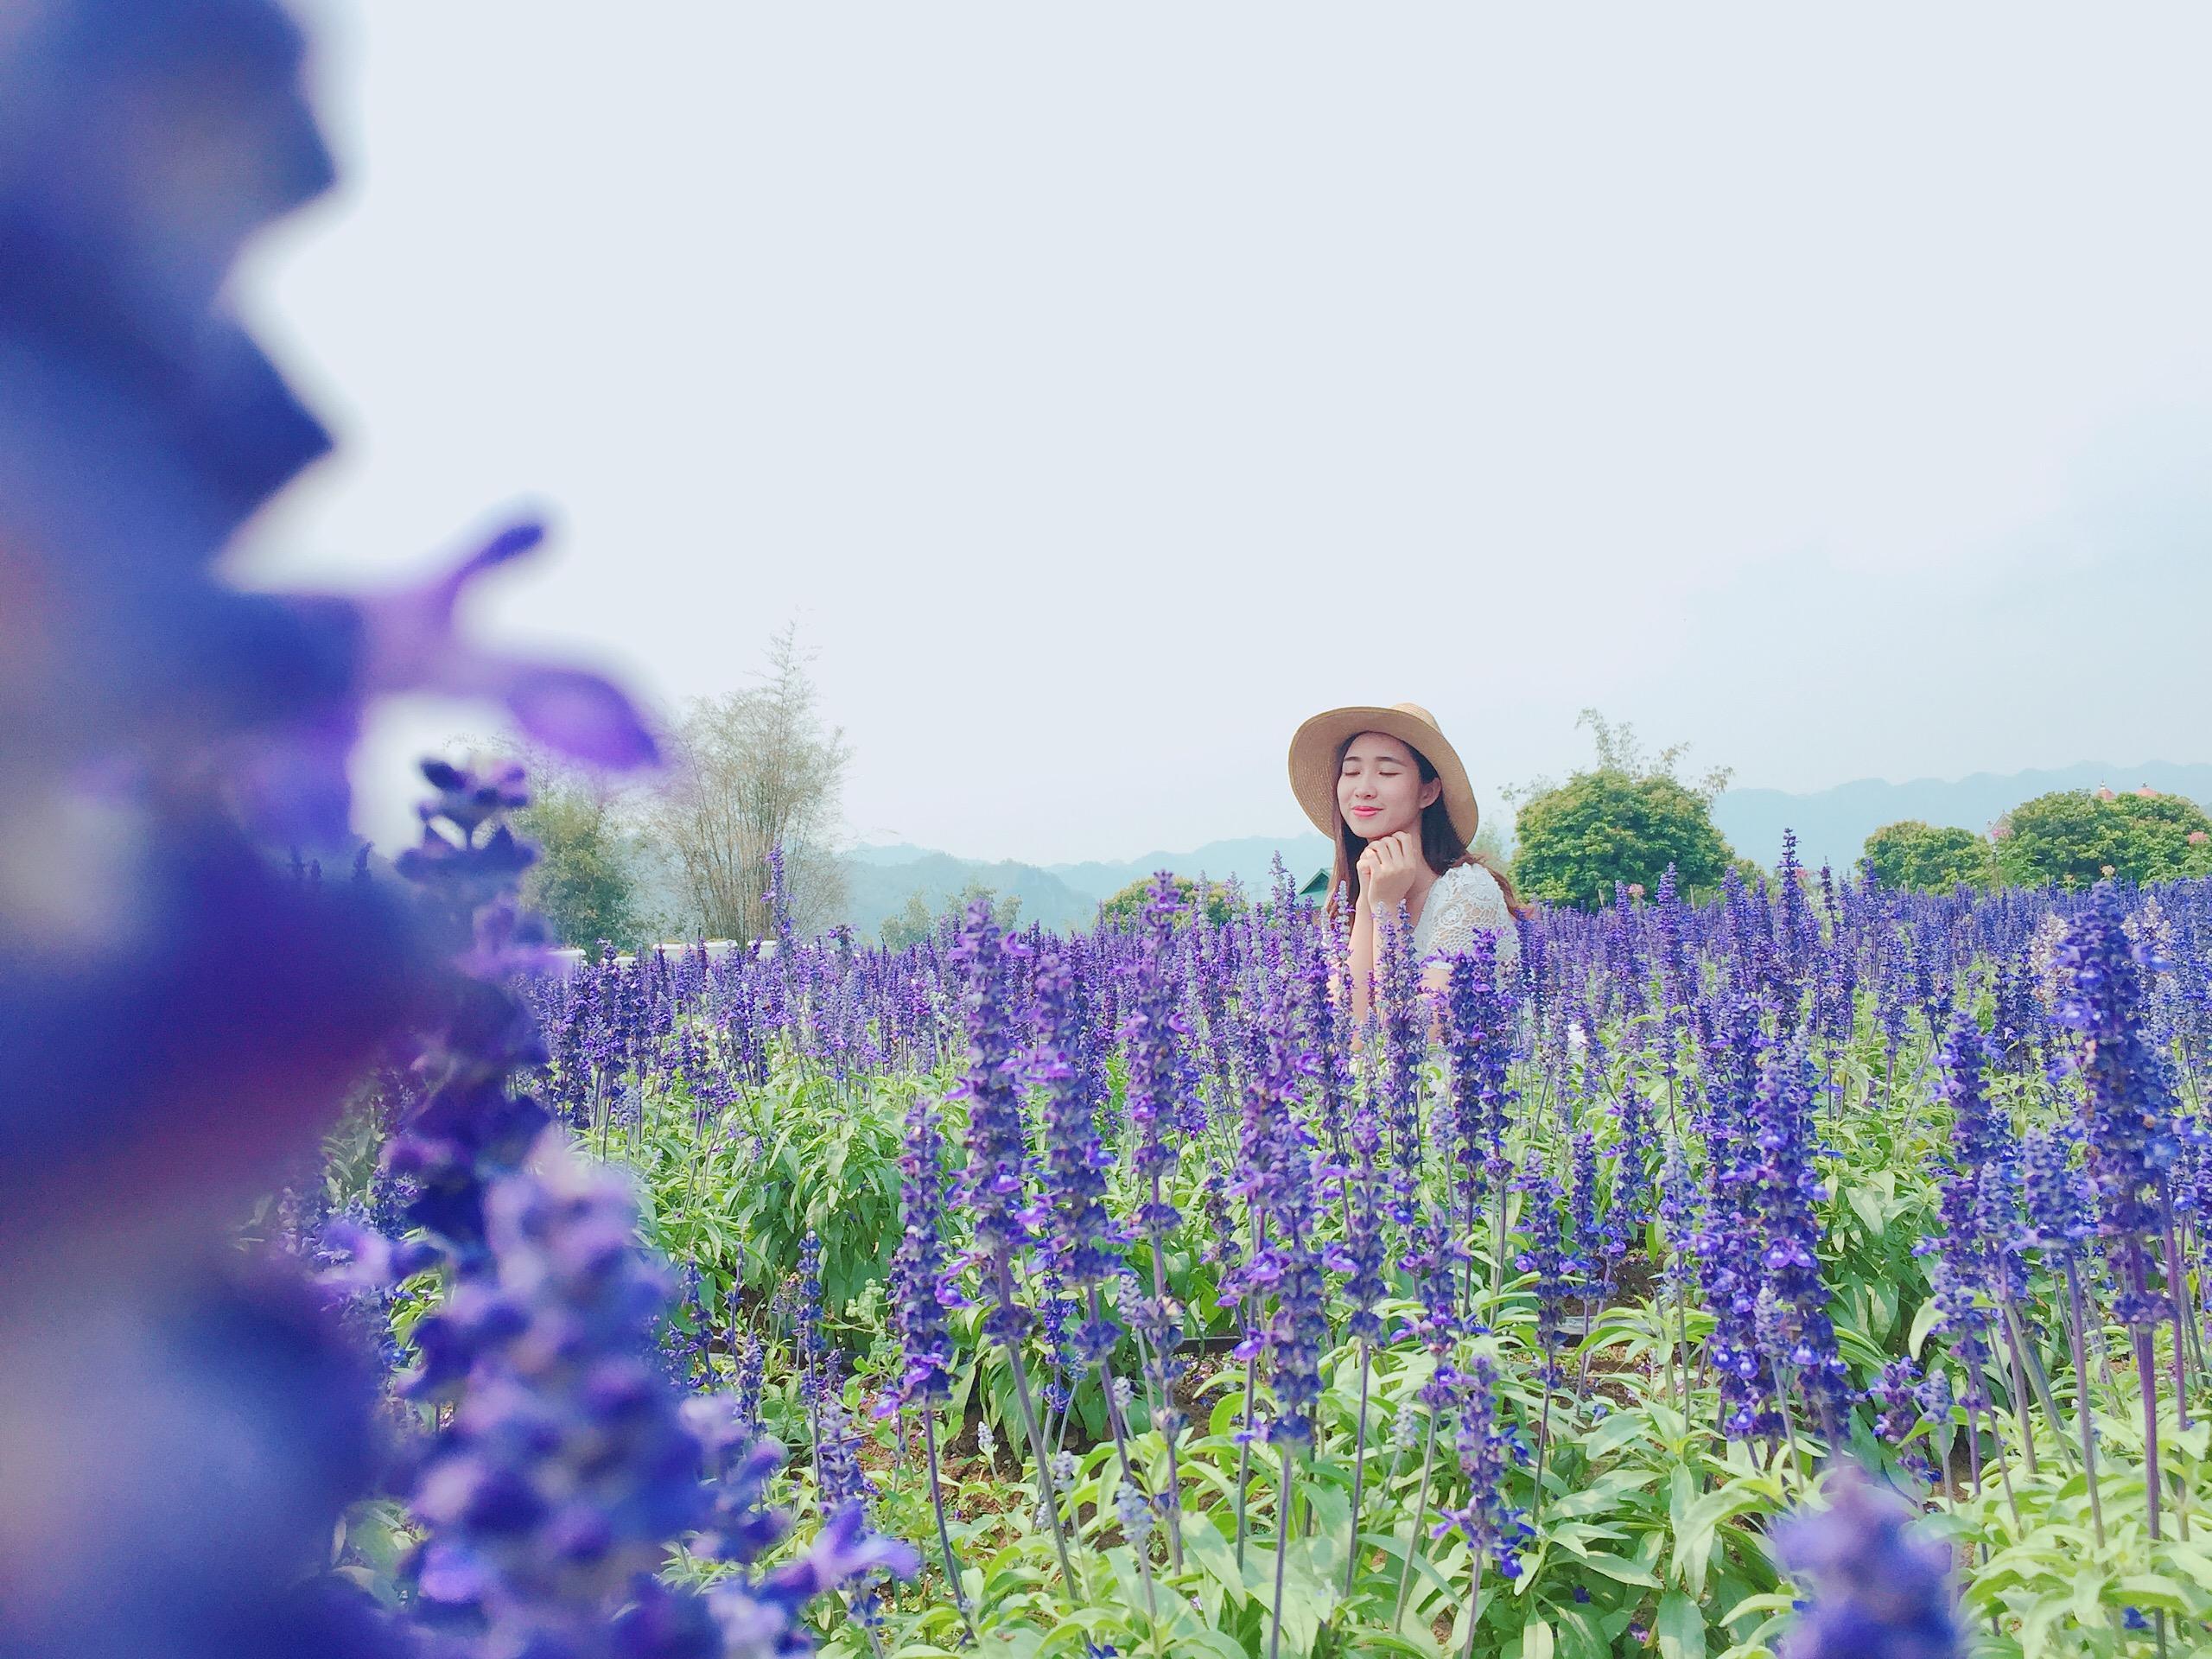 Hoa xác pháo xanh tại Thiên đường hoa